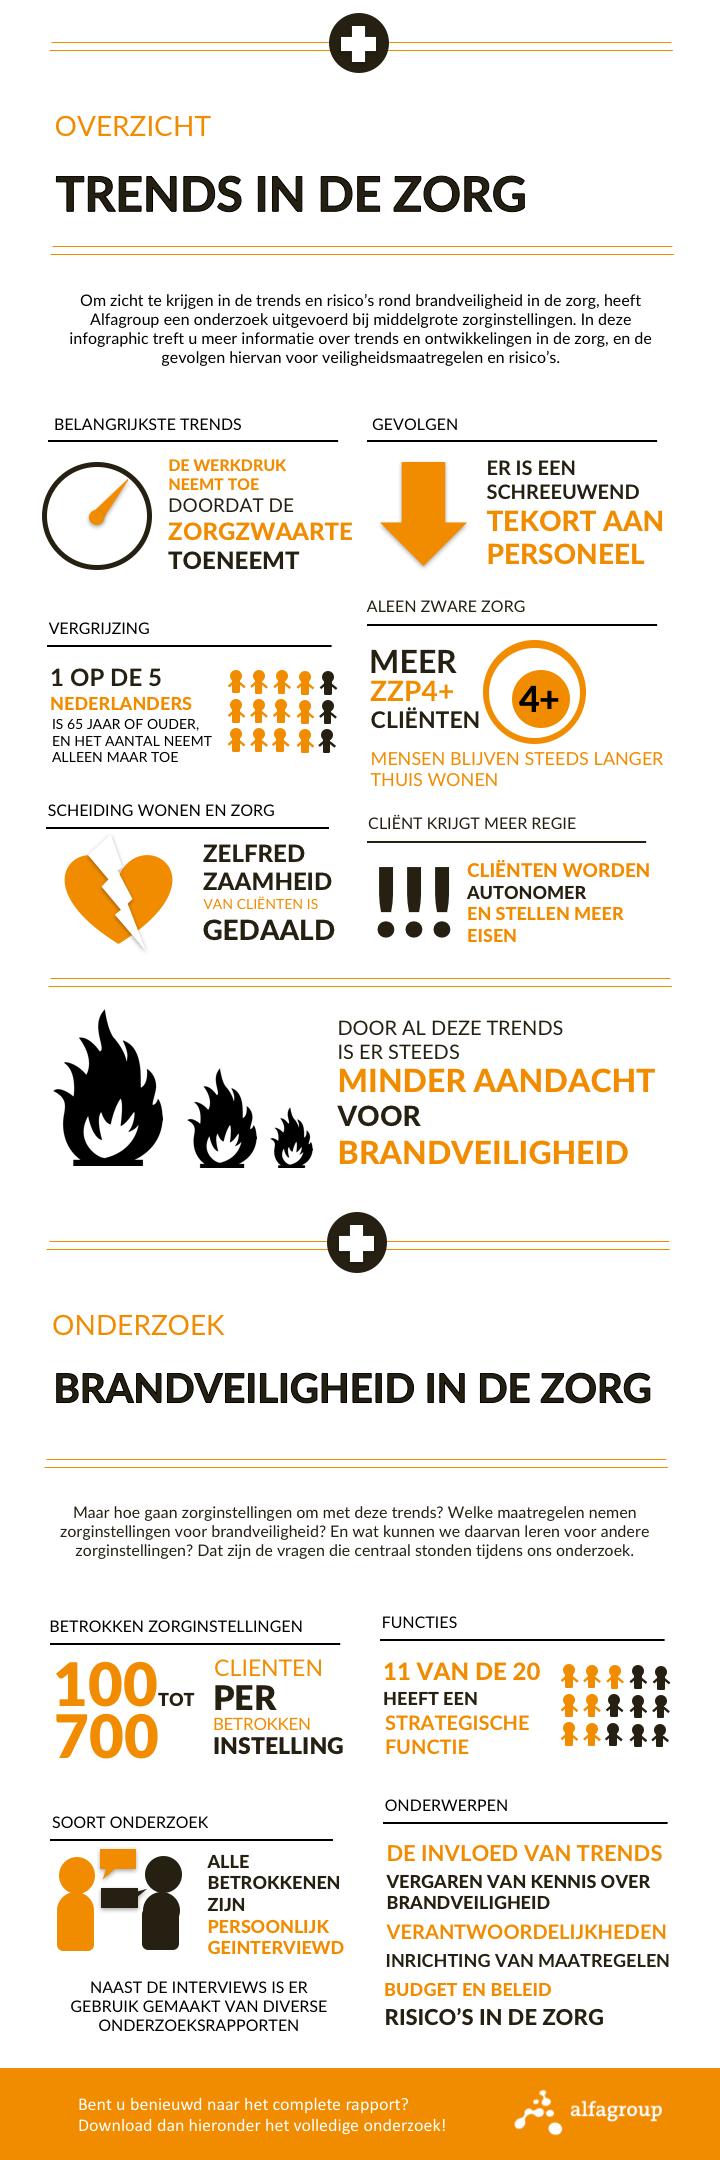 Onderzoek brandveiligheid in de zorg (infographic)